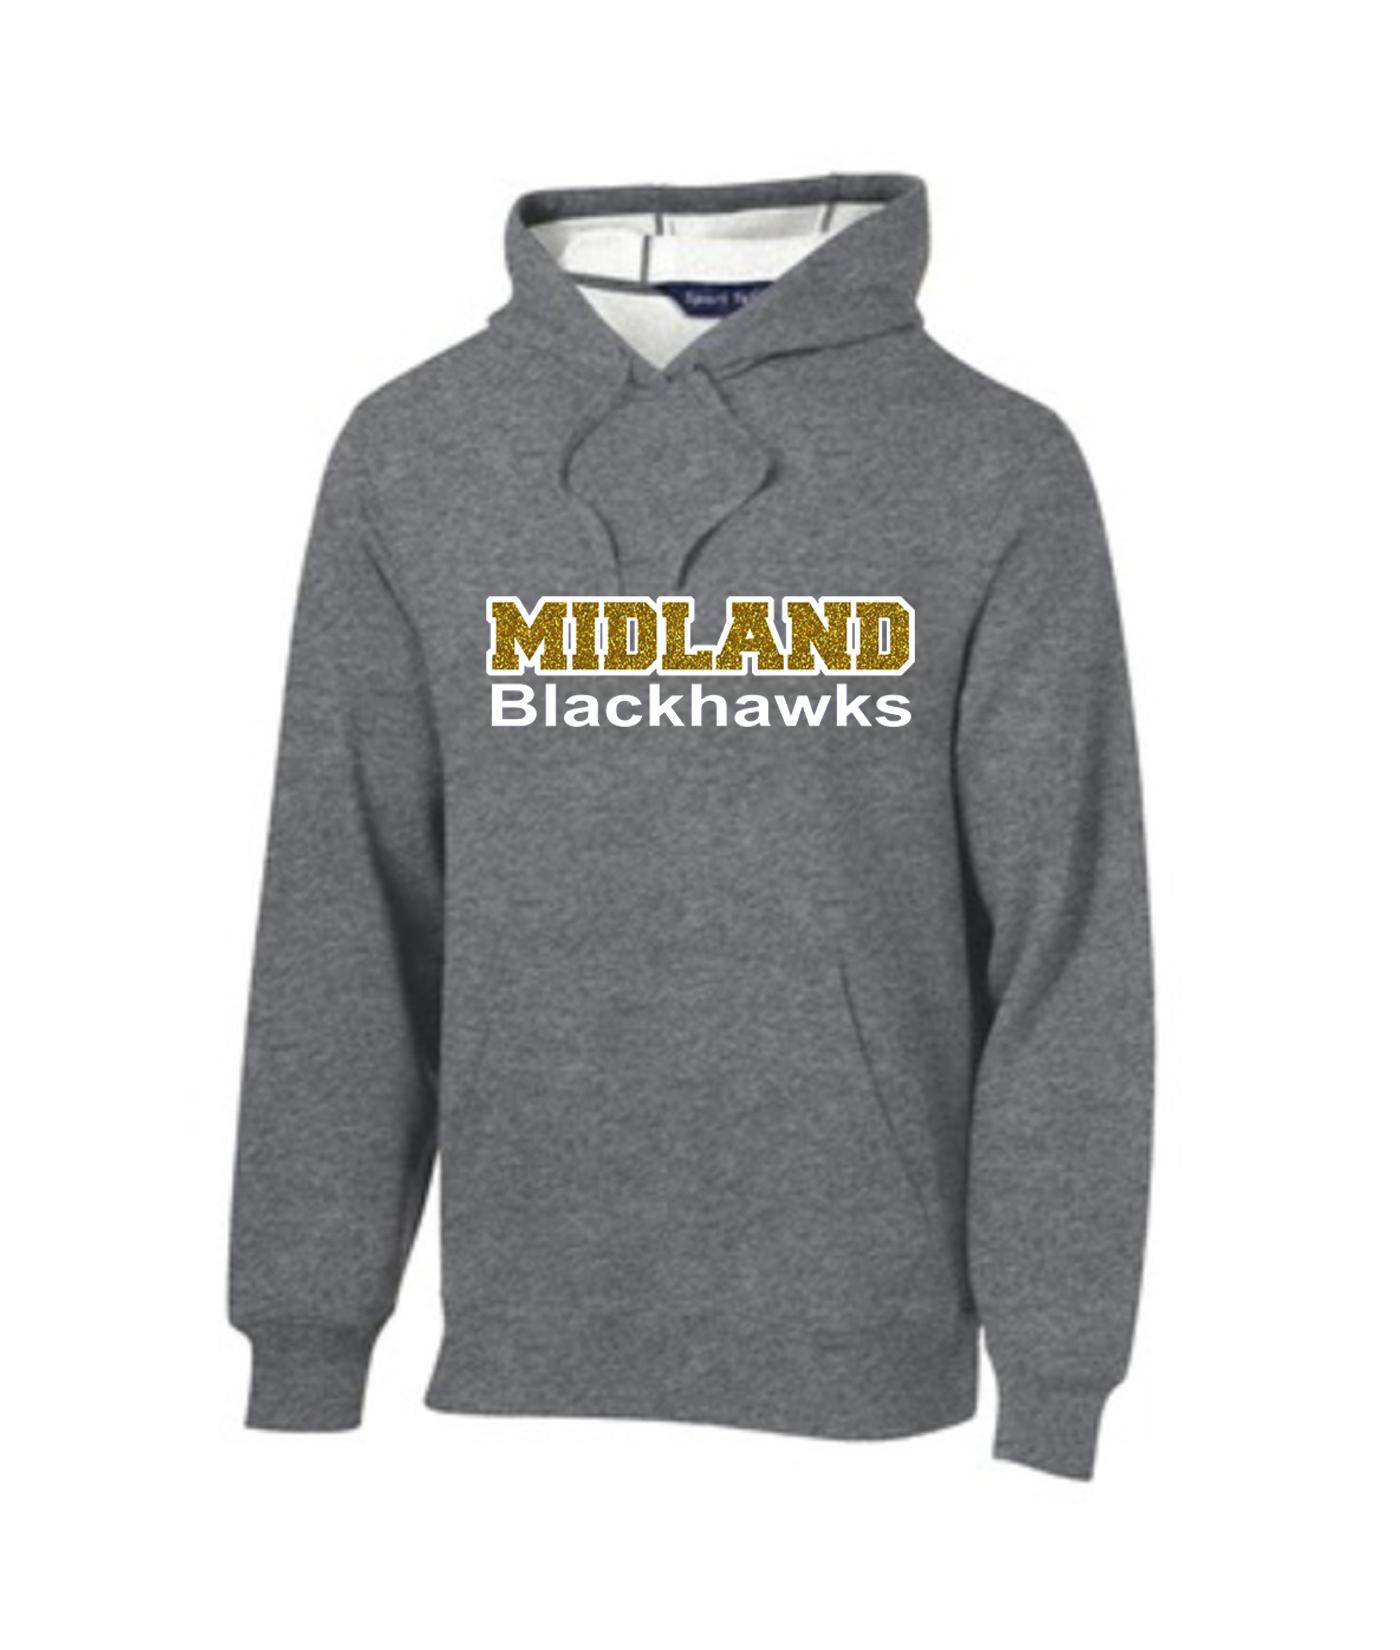 Sport-Tek Grey Pullover Hooded Sweatshirt Glitter Midland Blackhawks Gold Inside White Outline